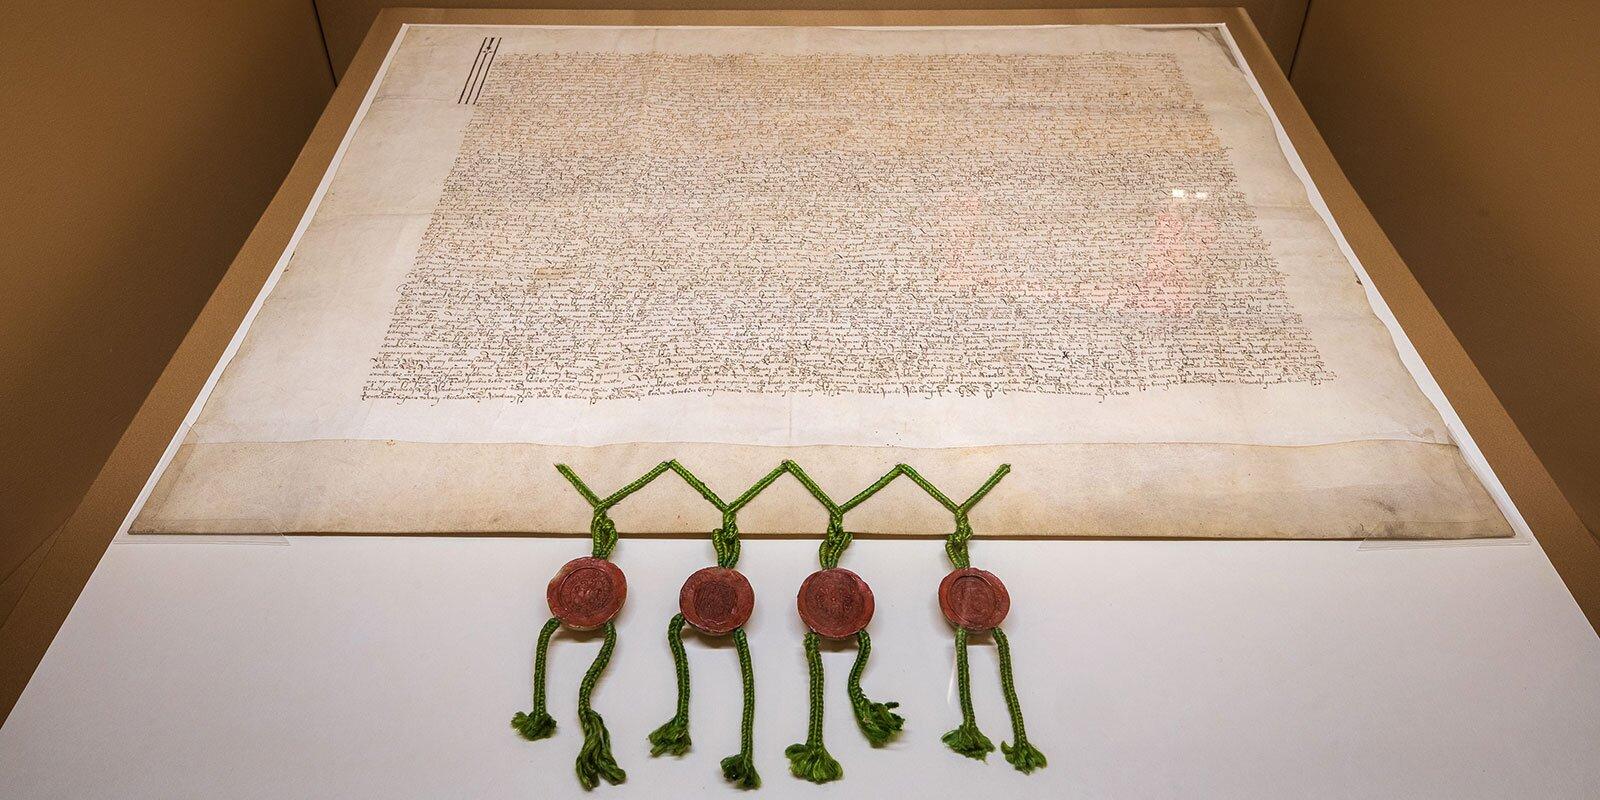 Договор, заключенный между польским королем Сигизмундом III и царем Василием Ивановичем Шуйским 20 июля 1608 года. Российский государственный архив древних актов